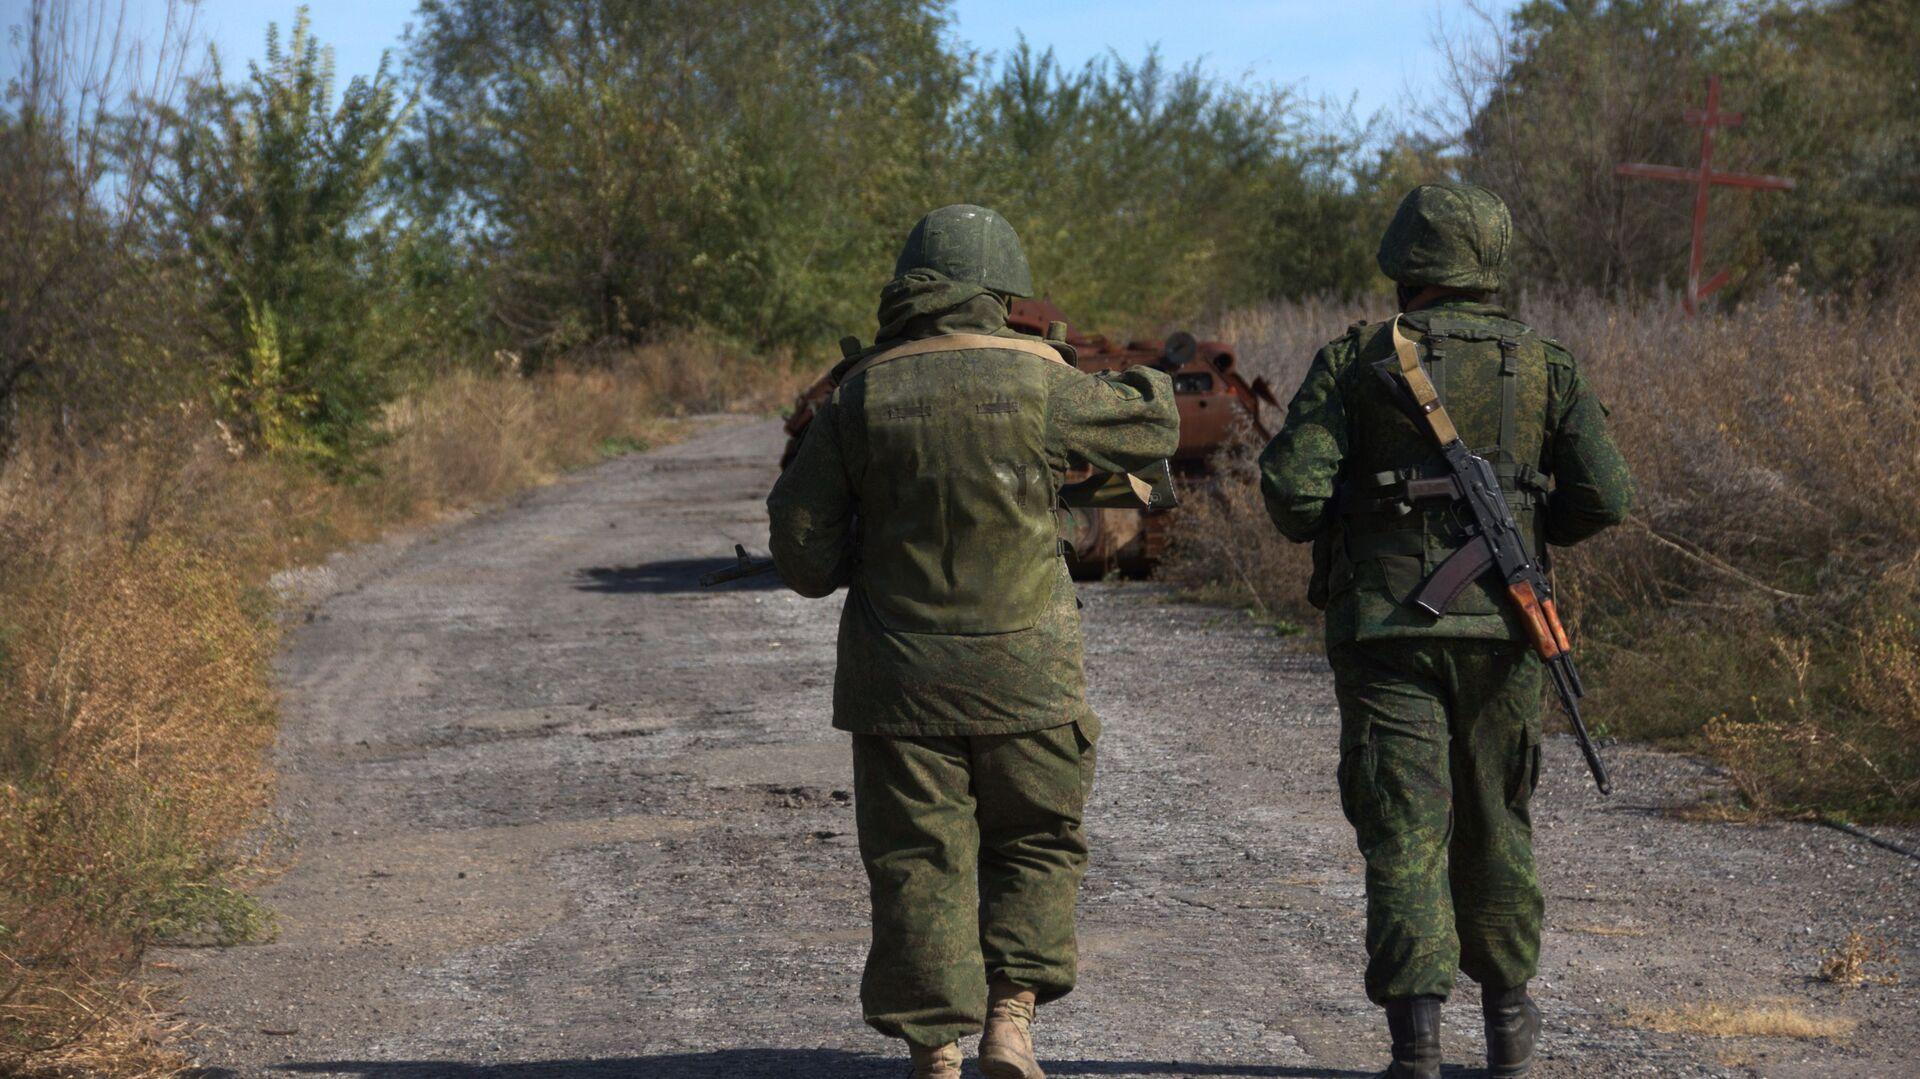 Żołnierze ŁRL we wsi Sokolniki na linii kontaktowej w obwodzie ługańskim - Sputnik Polska, 1920, 23.05.2021